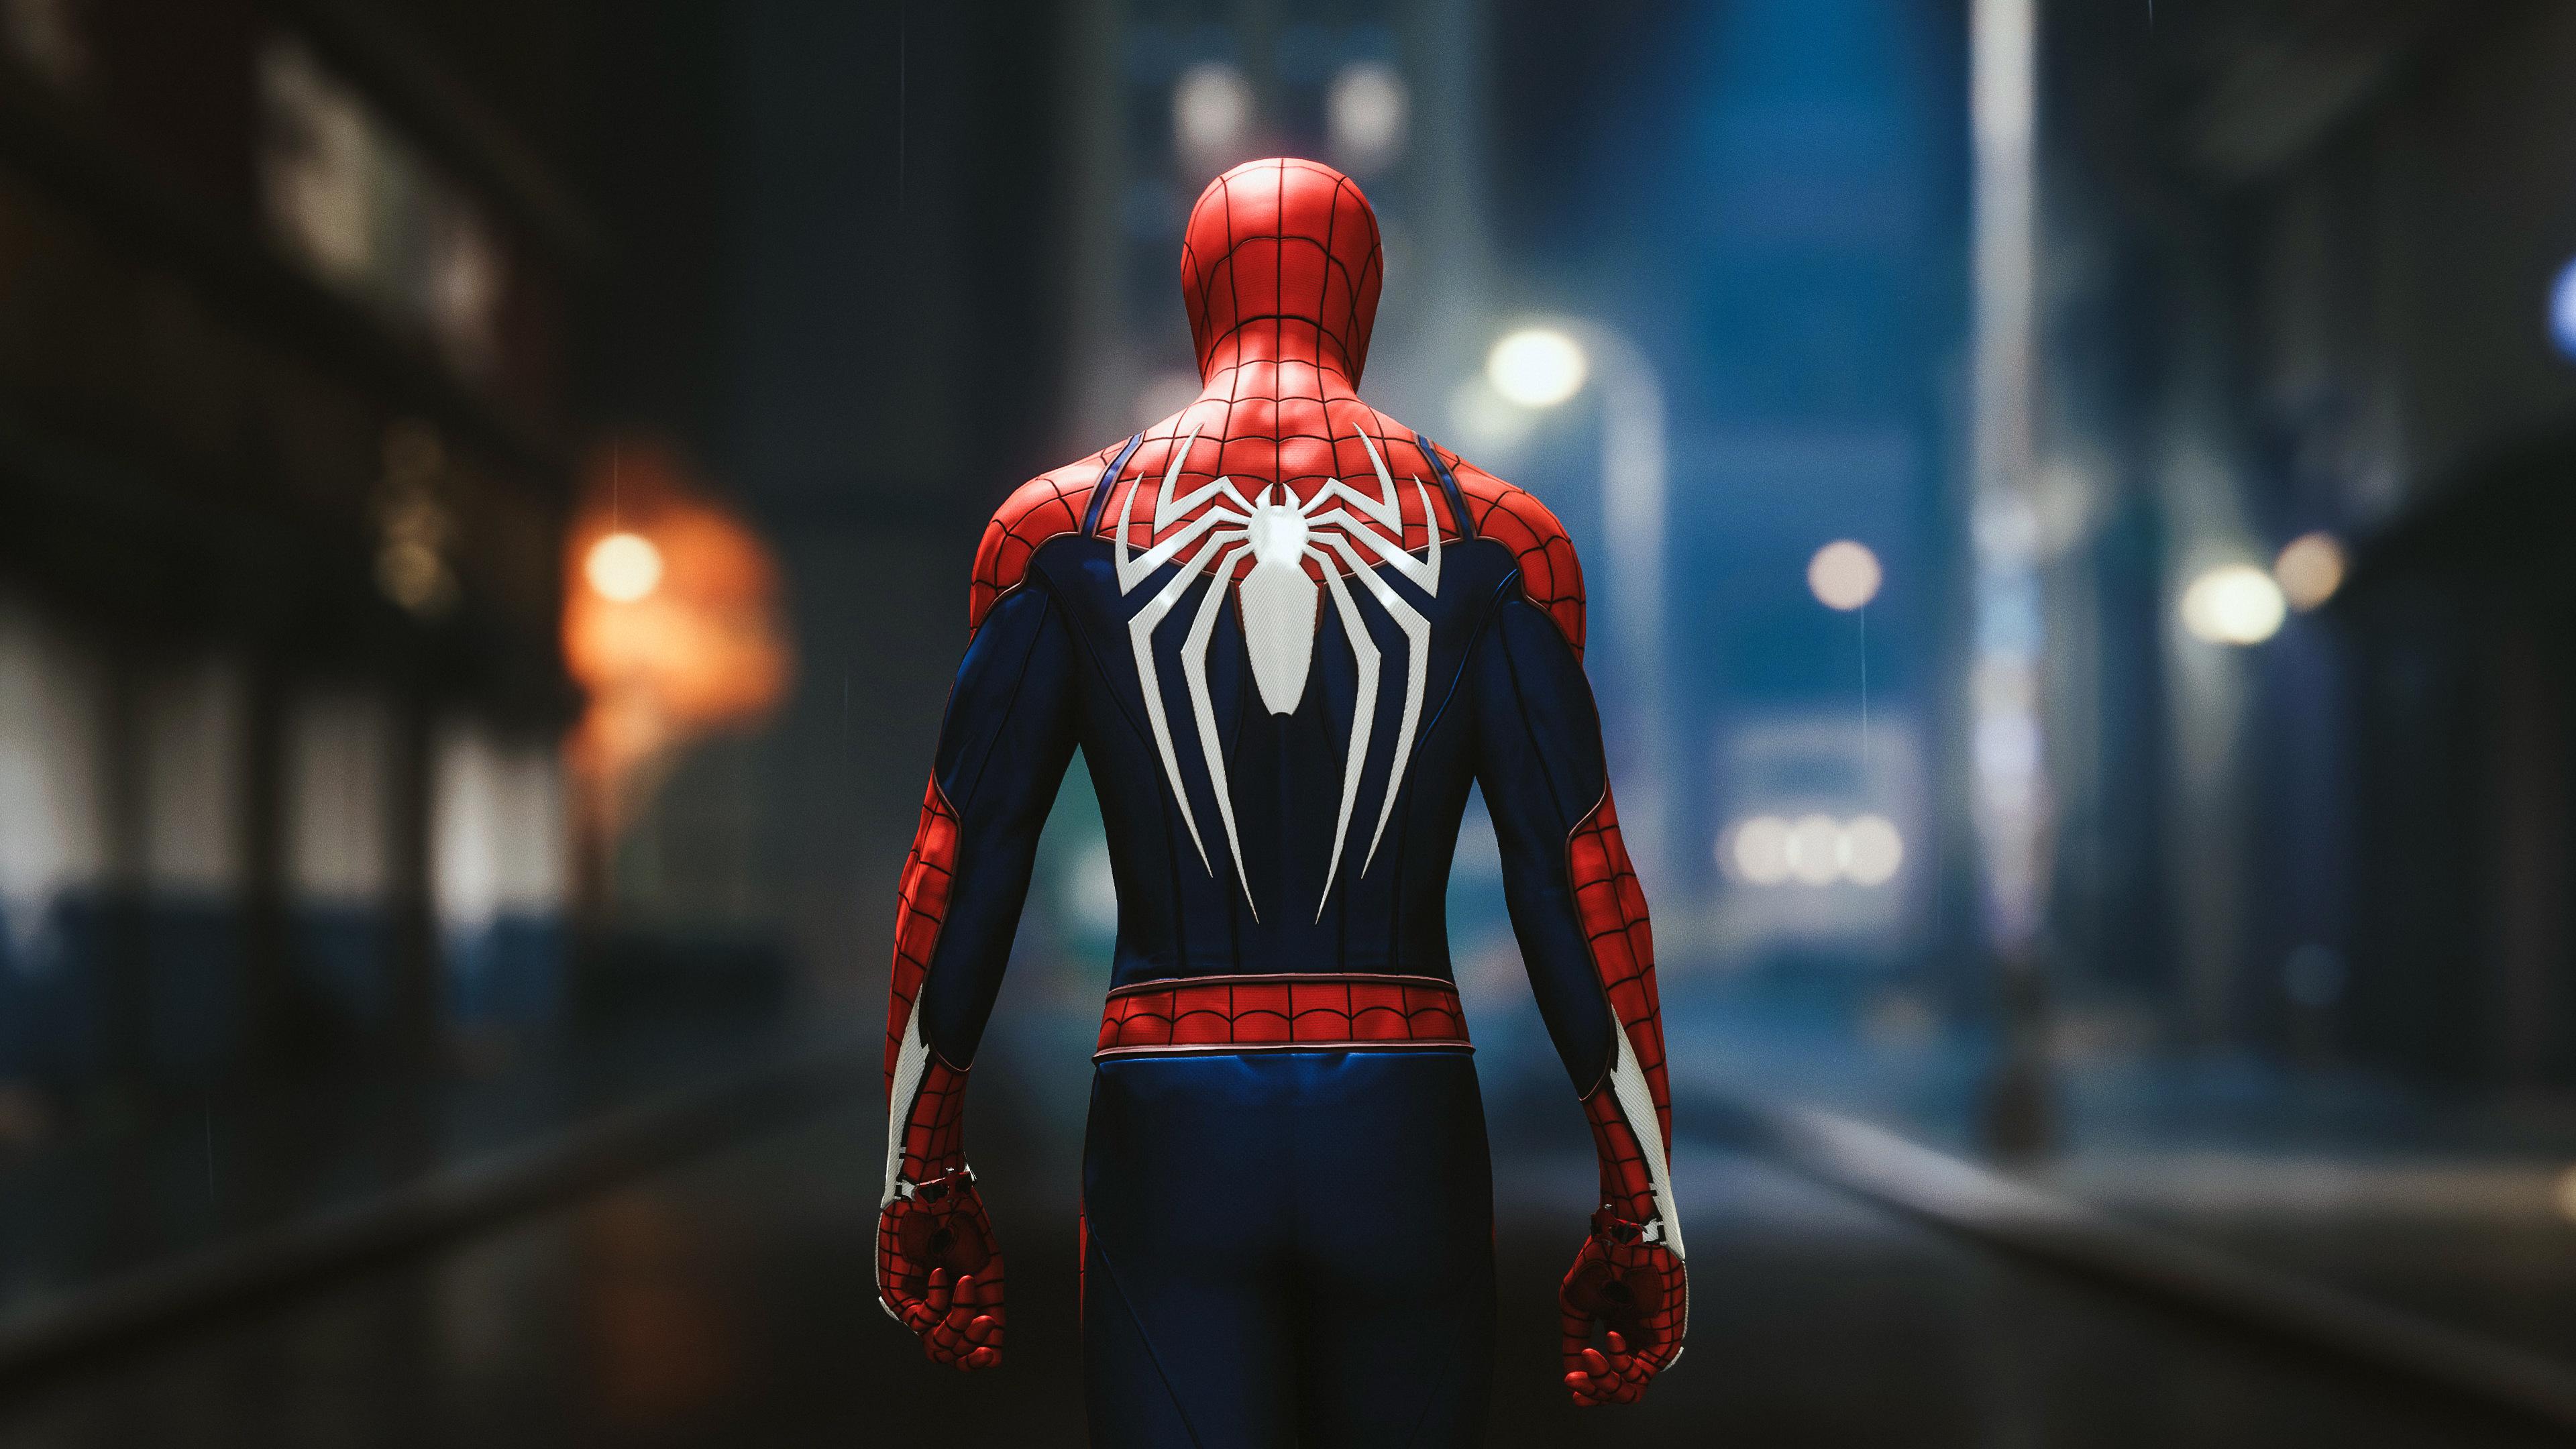 Wallpaper : Spider Man, spider 3840x2160 - Memeboy3000 ...